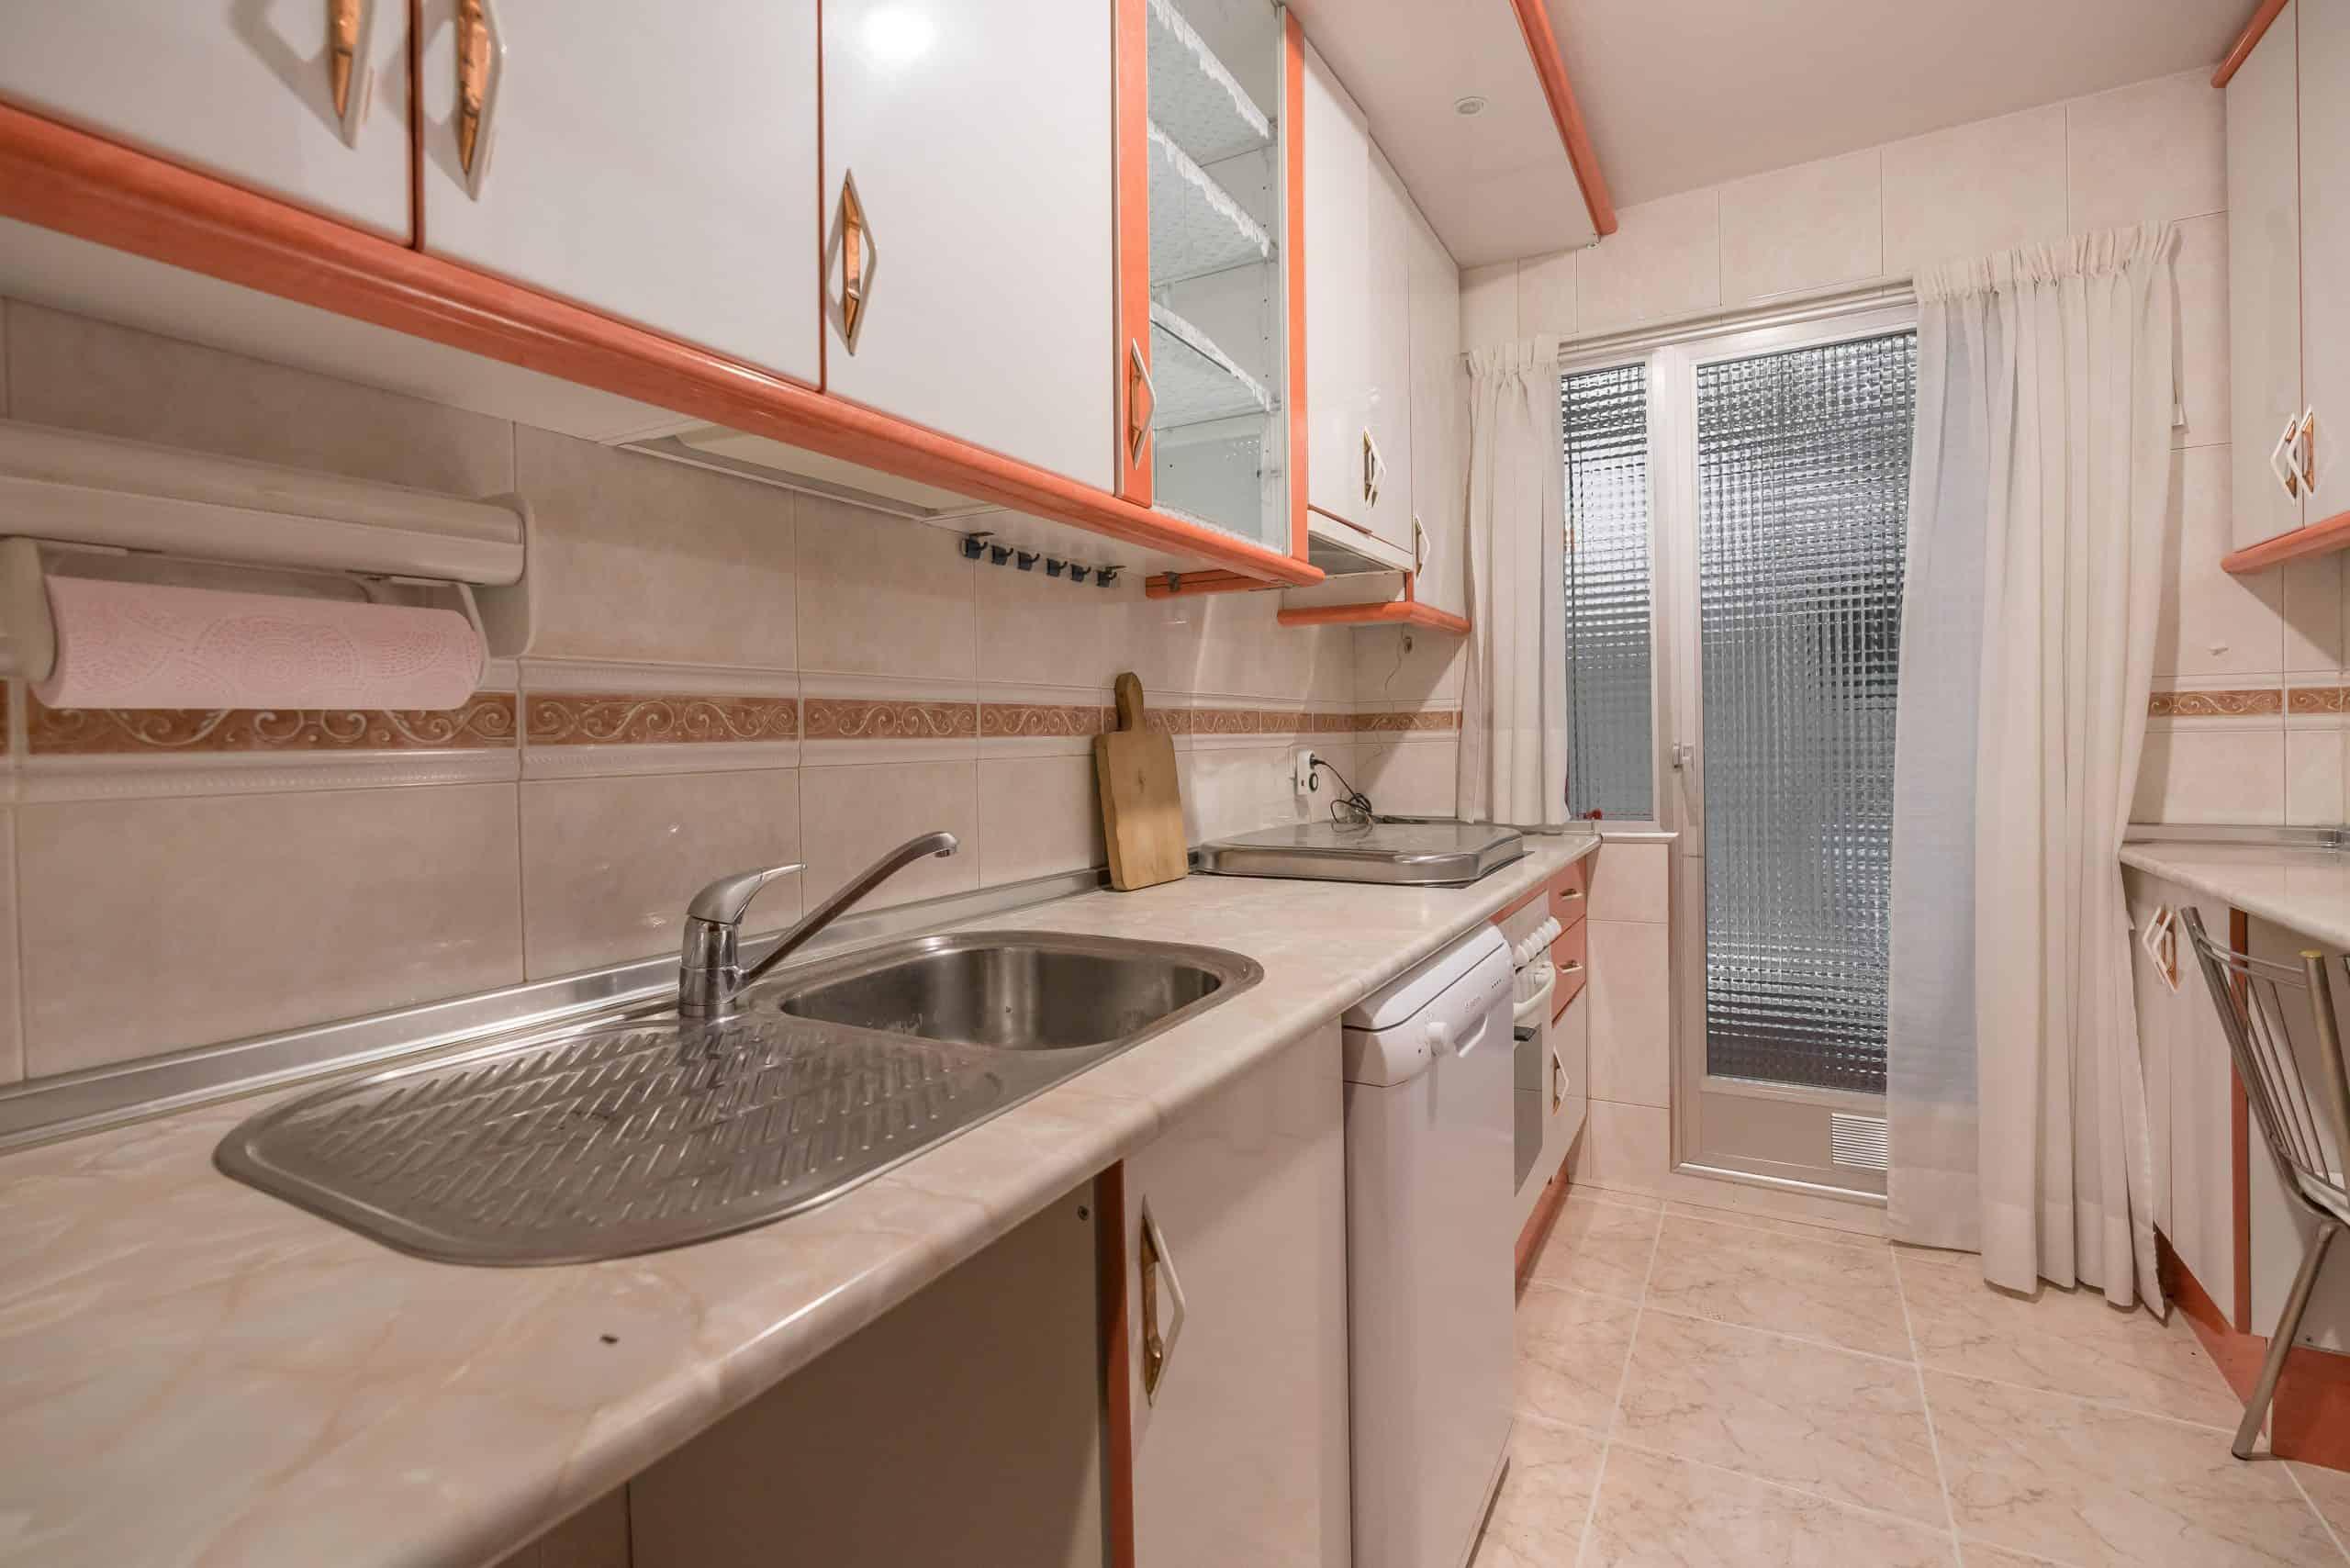 Agencia Inmobiliaria de Madrid-FUTUROCASA-Zona ARGANZUELA-EMBAJADORES-LEGAZPI -calle tomas borras- cocina